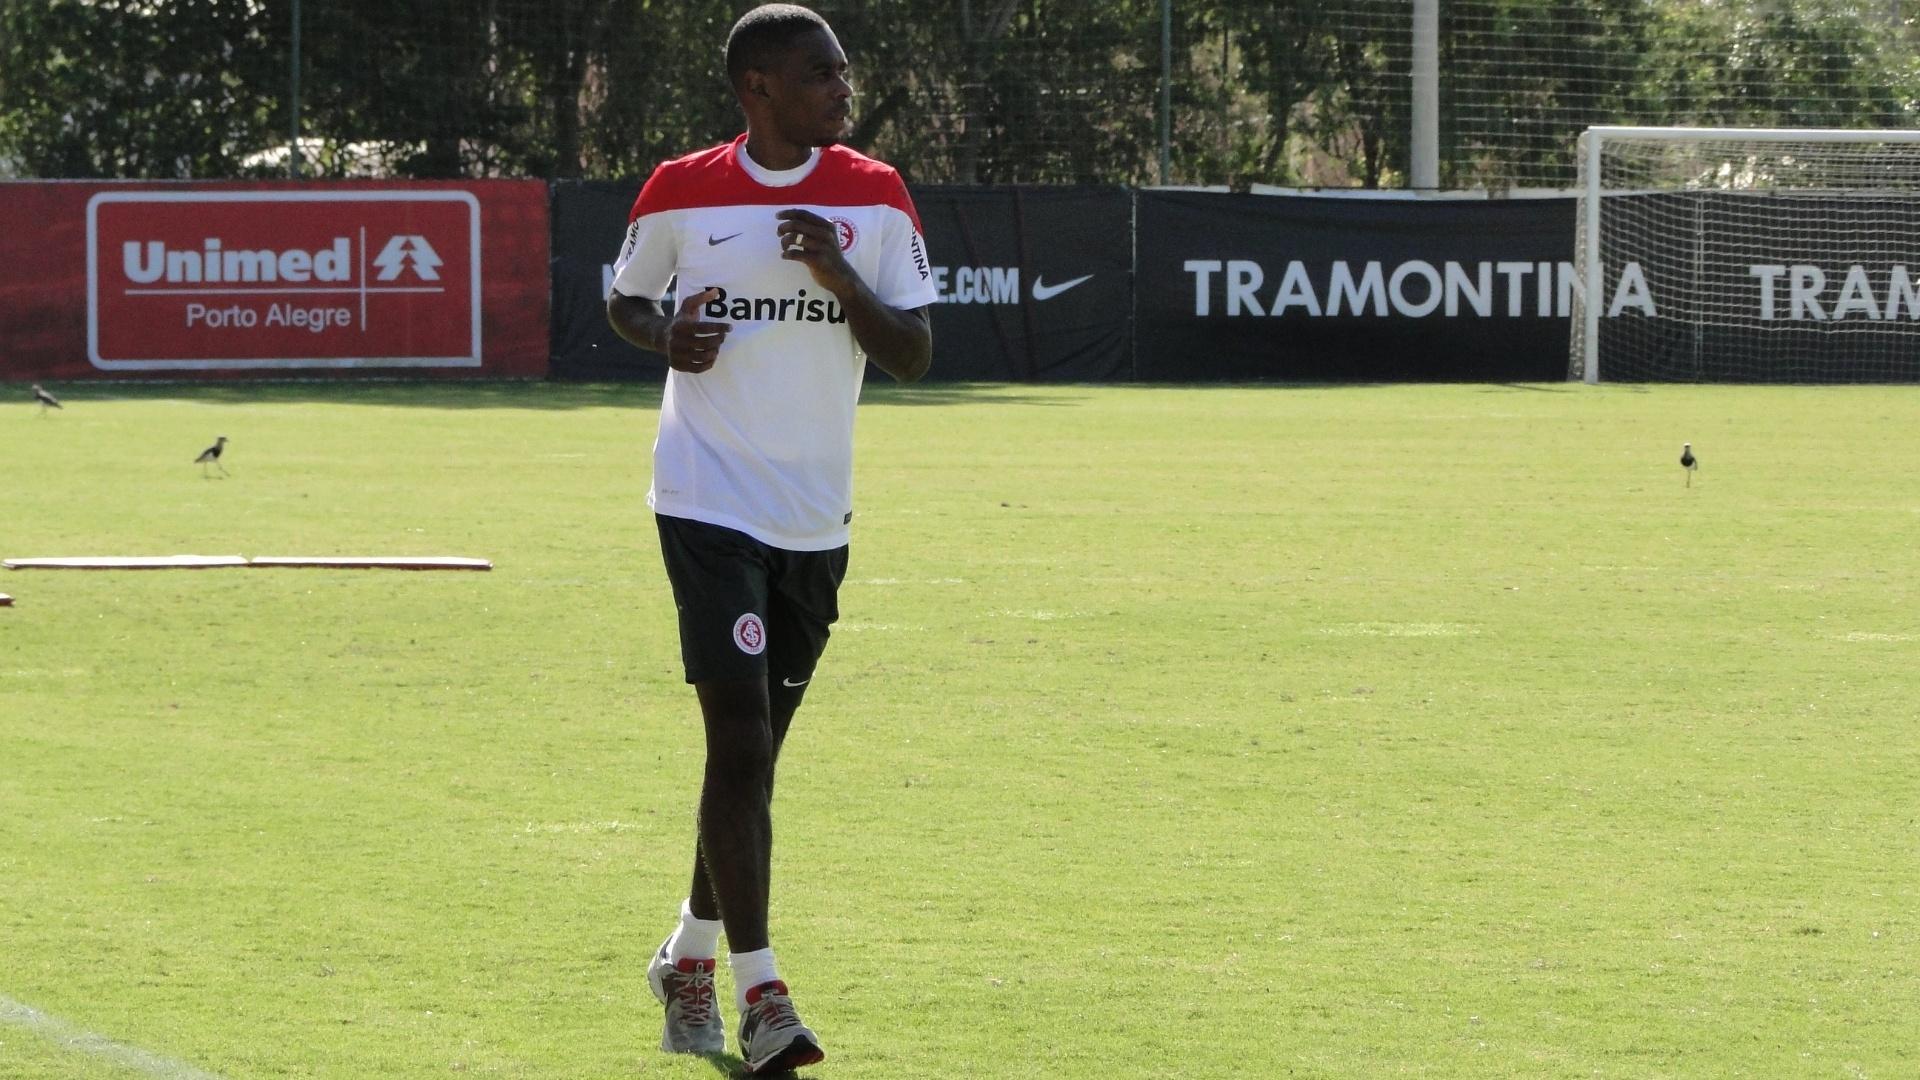 Zagueiro Juan corre ao redor do gramado 1 do CT do Parque Gigante em treino do Internacional